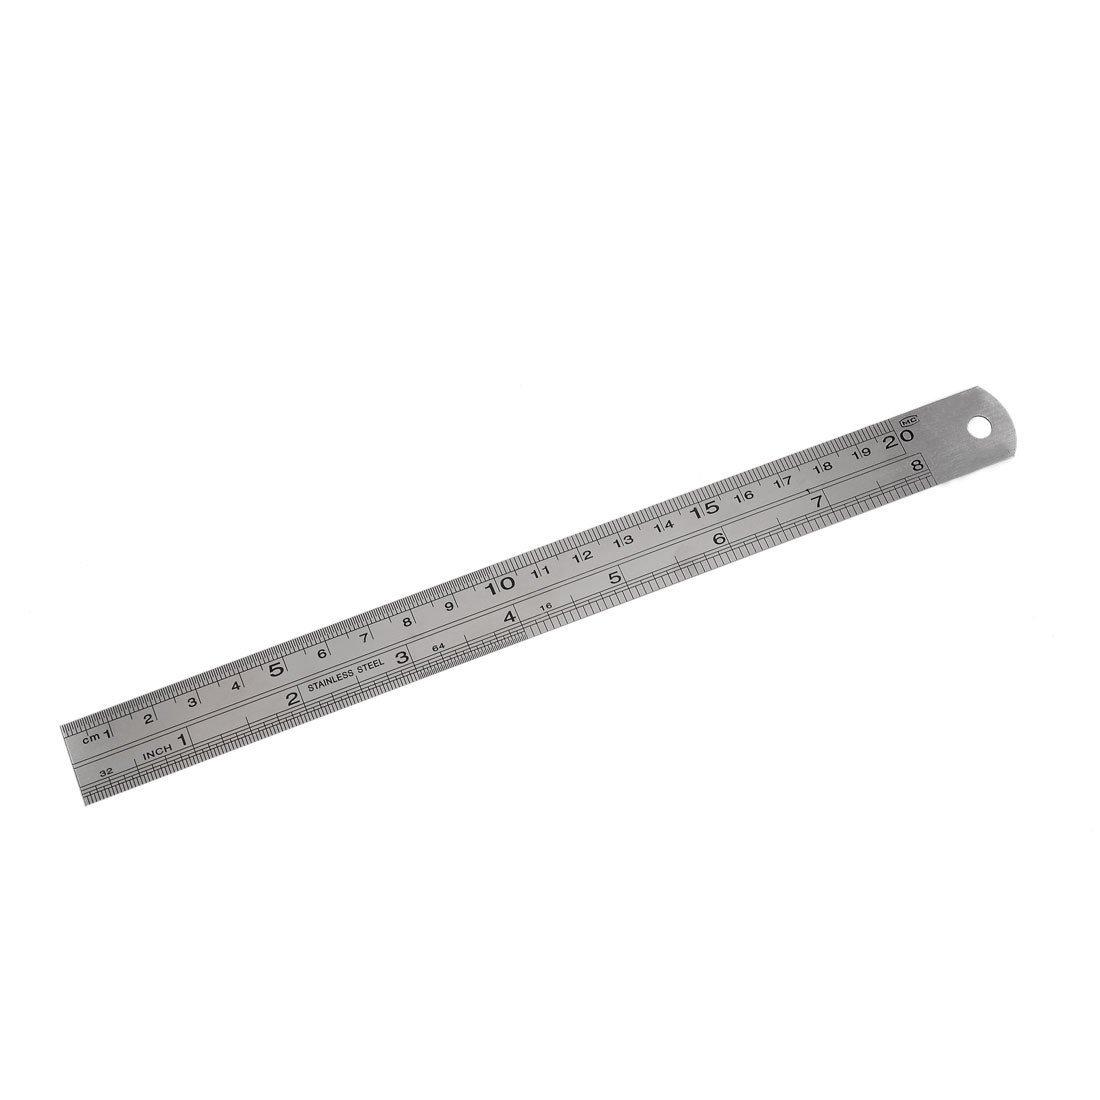 TOOGOO(R) Stainless Steel 20cm 8 Inch Metric Straight Ruler Measuring Tool